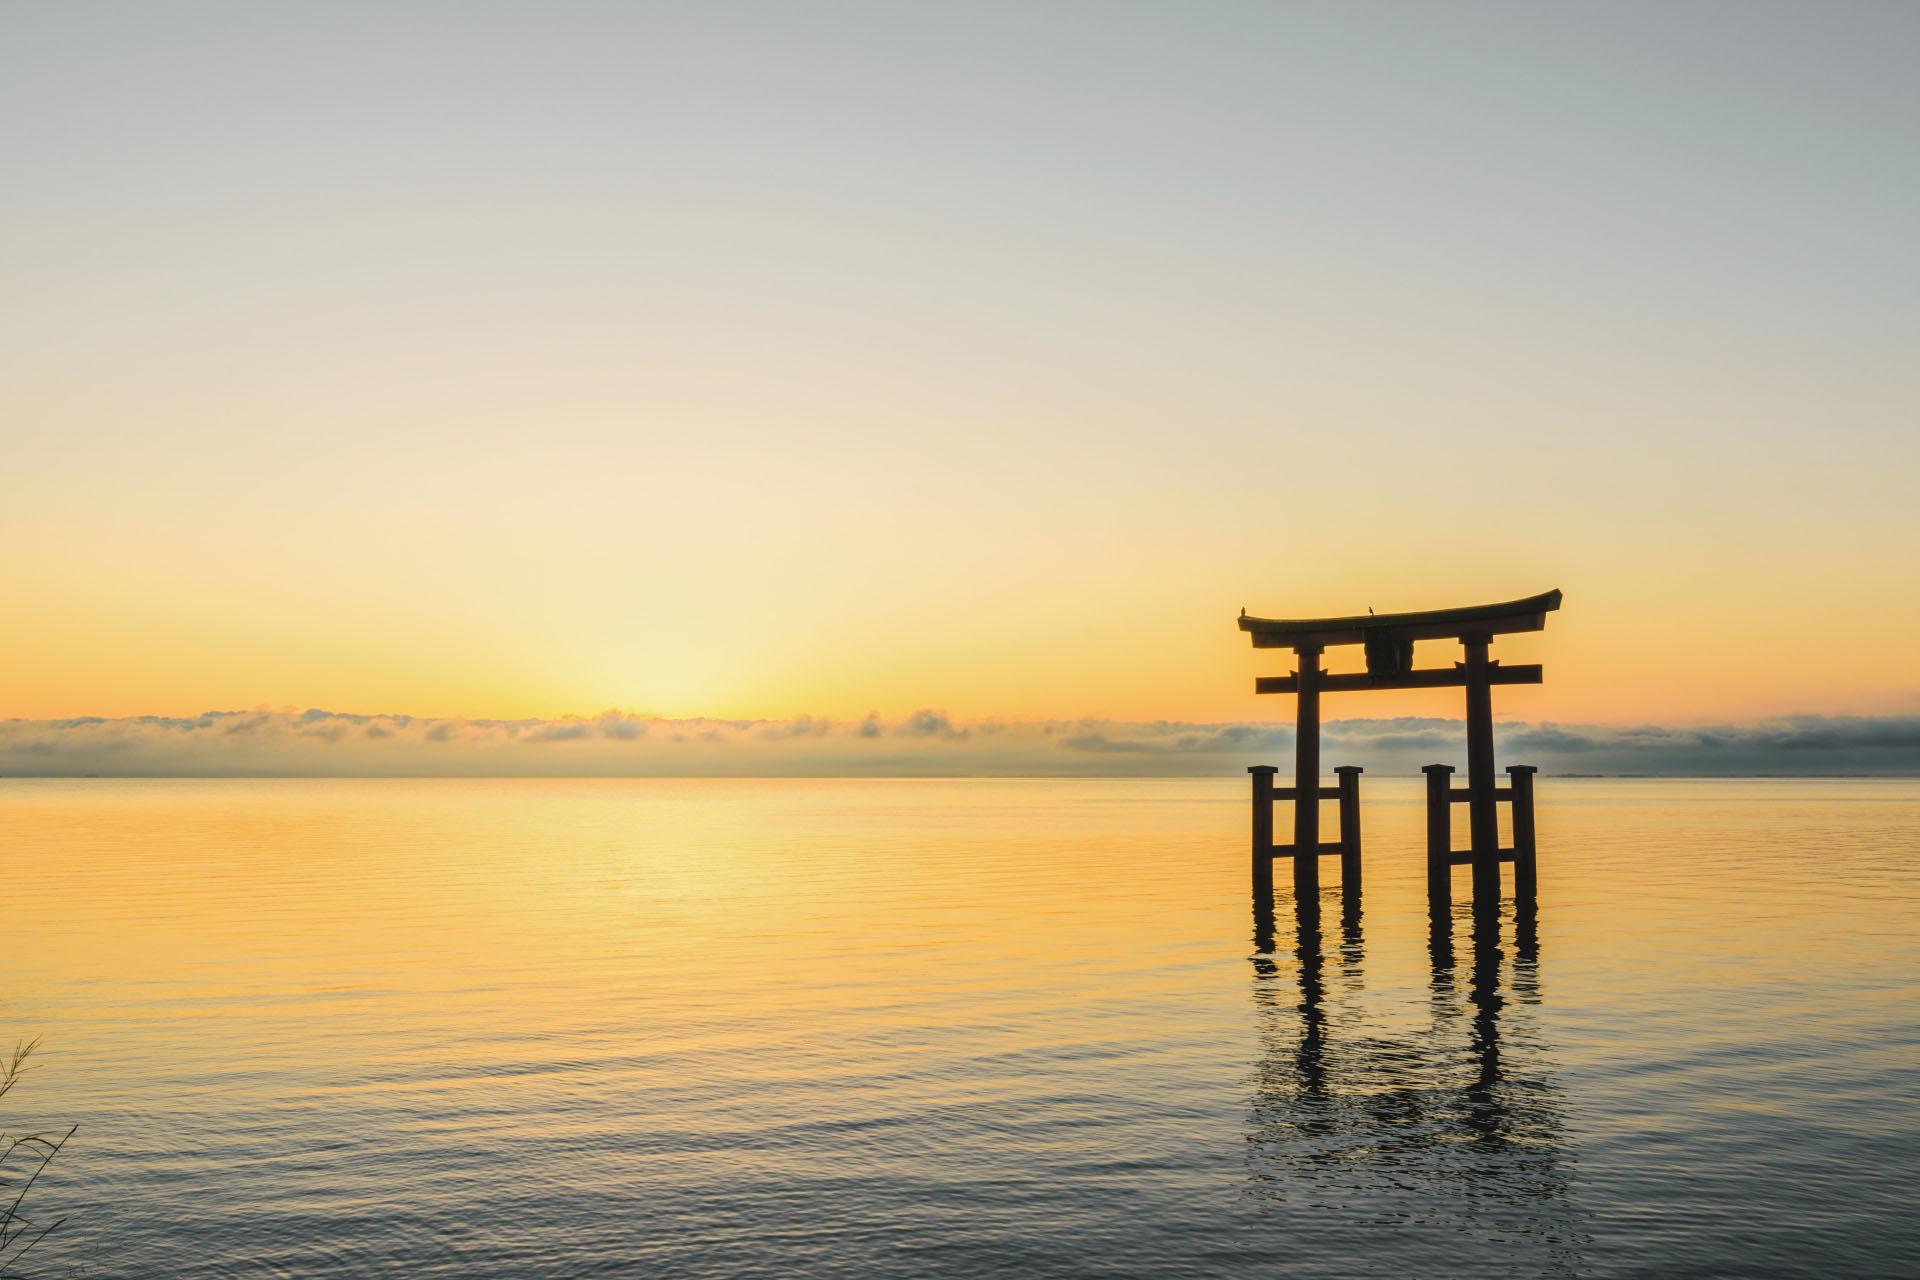 琵琶湖に浮かぶ大鳥居と朝日の風景 滋賀の風景